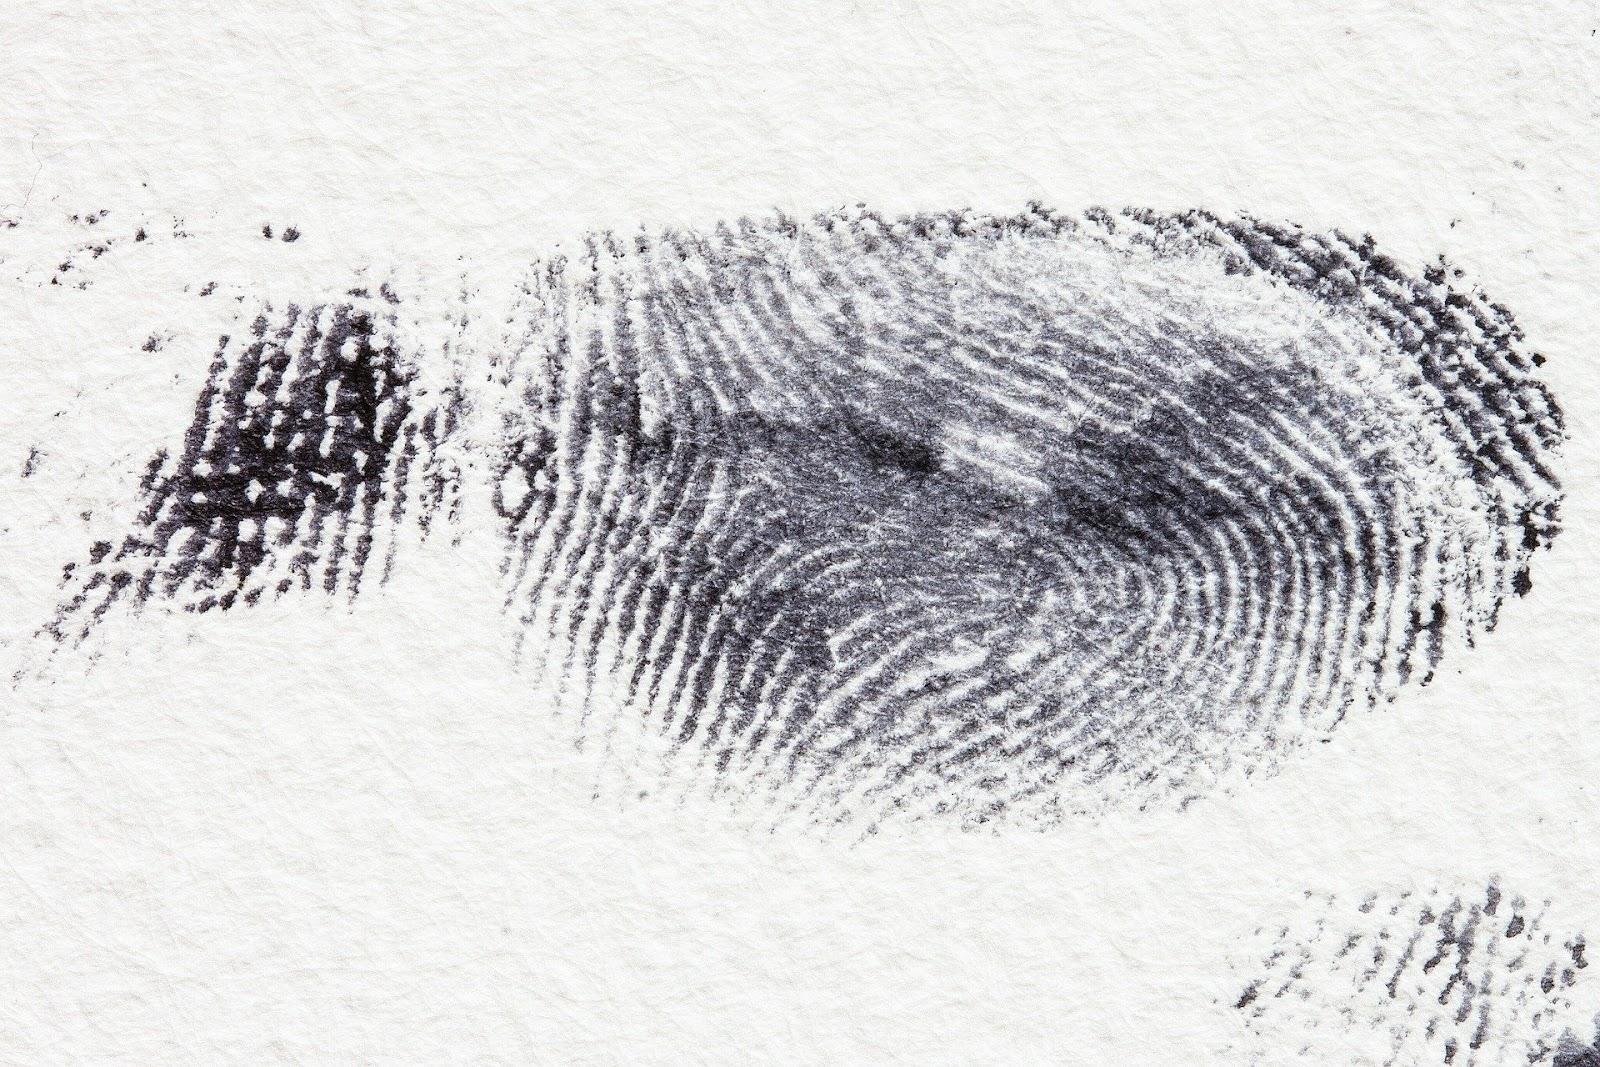 A dark fingerprint on white paper.